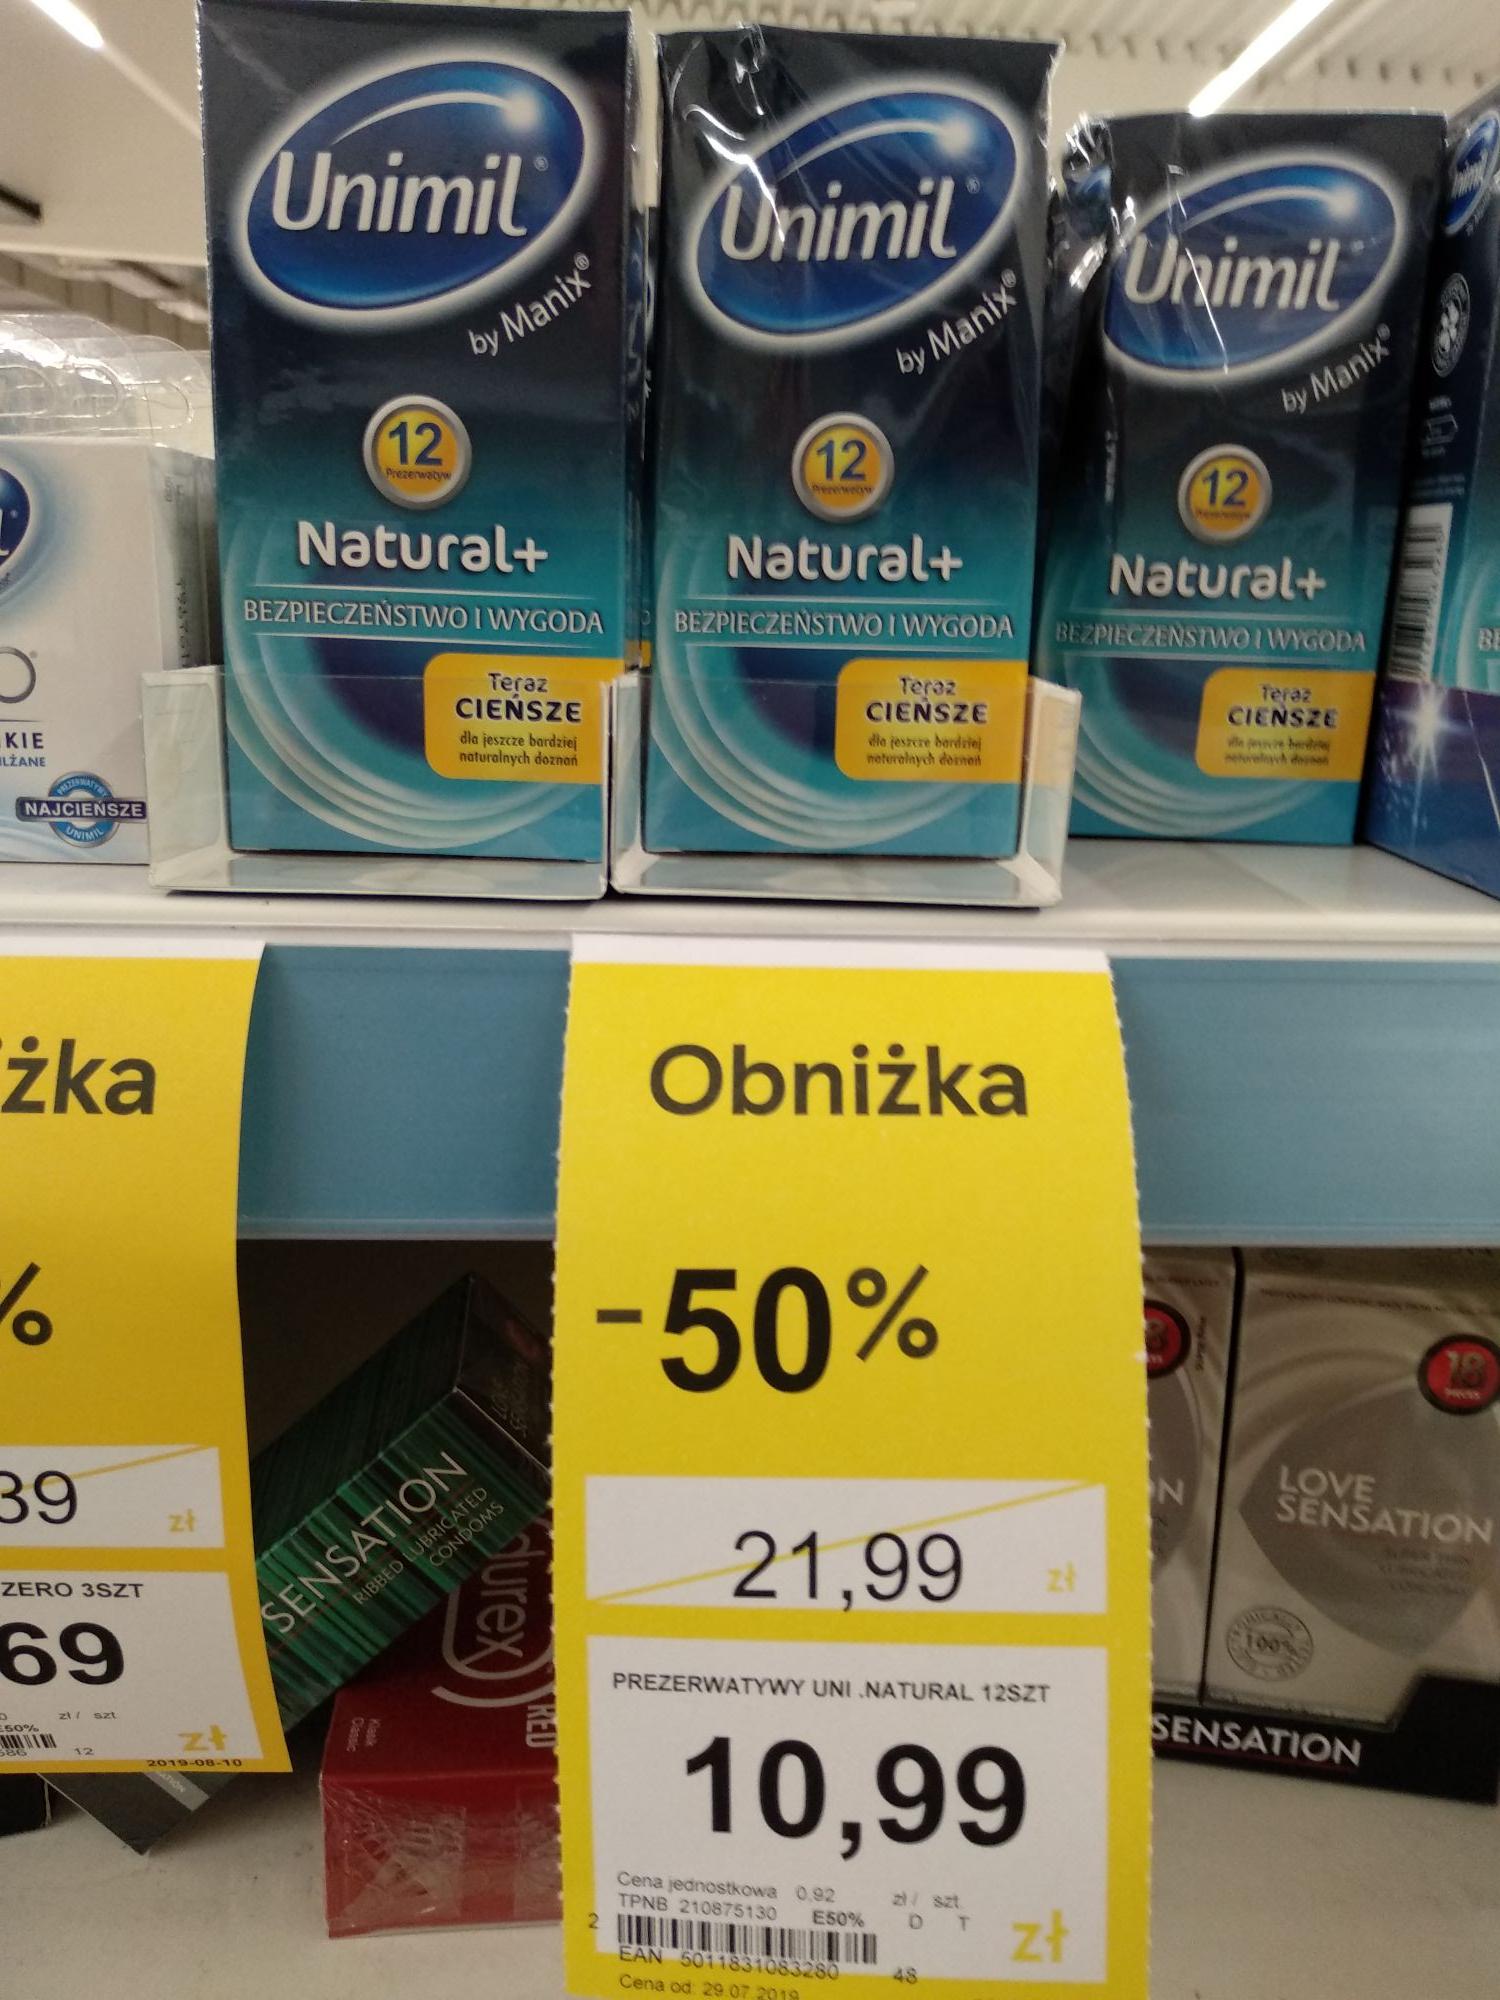 Prezerwatywy Unimil 12 szt Tesco Wa-wa Stalowa